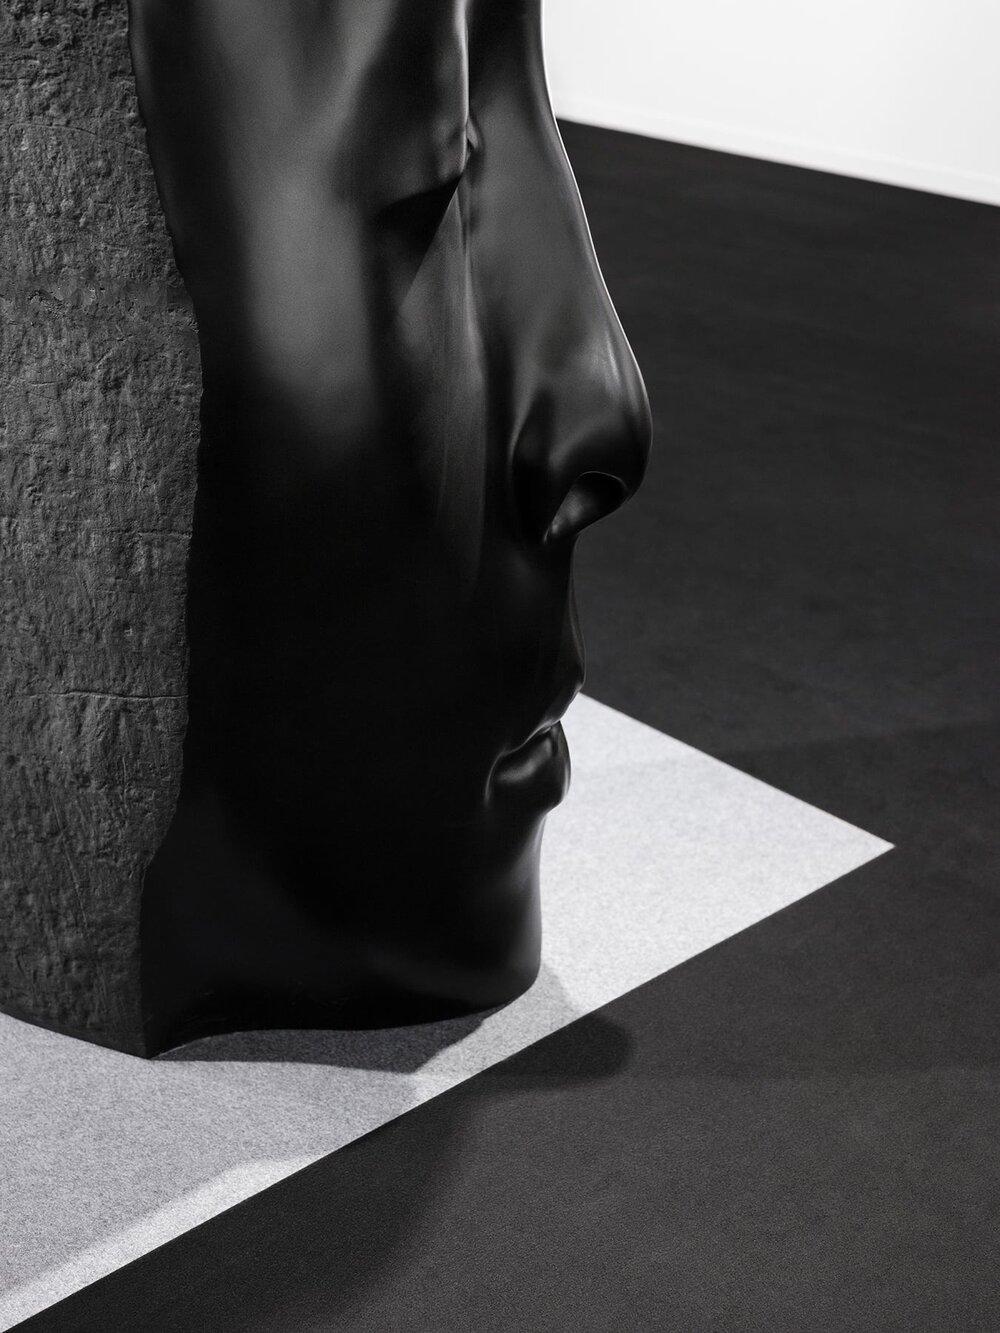 Jaume Plensa - Galerie Lelong & Co, Paris